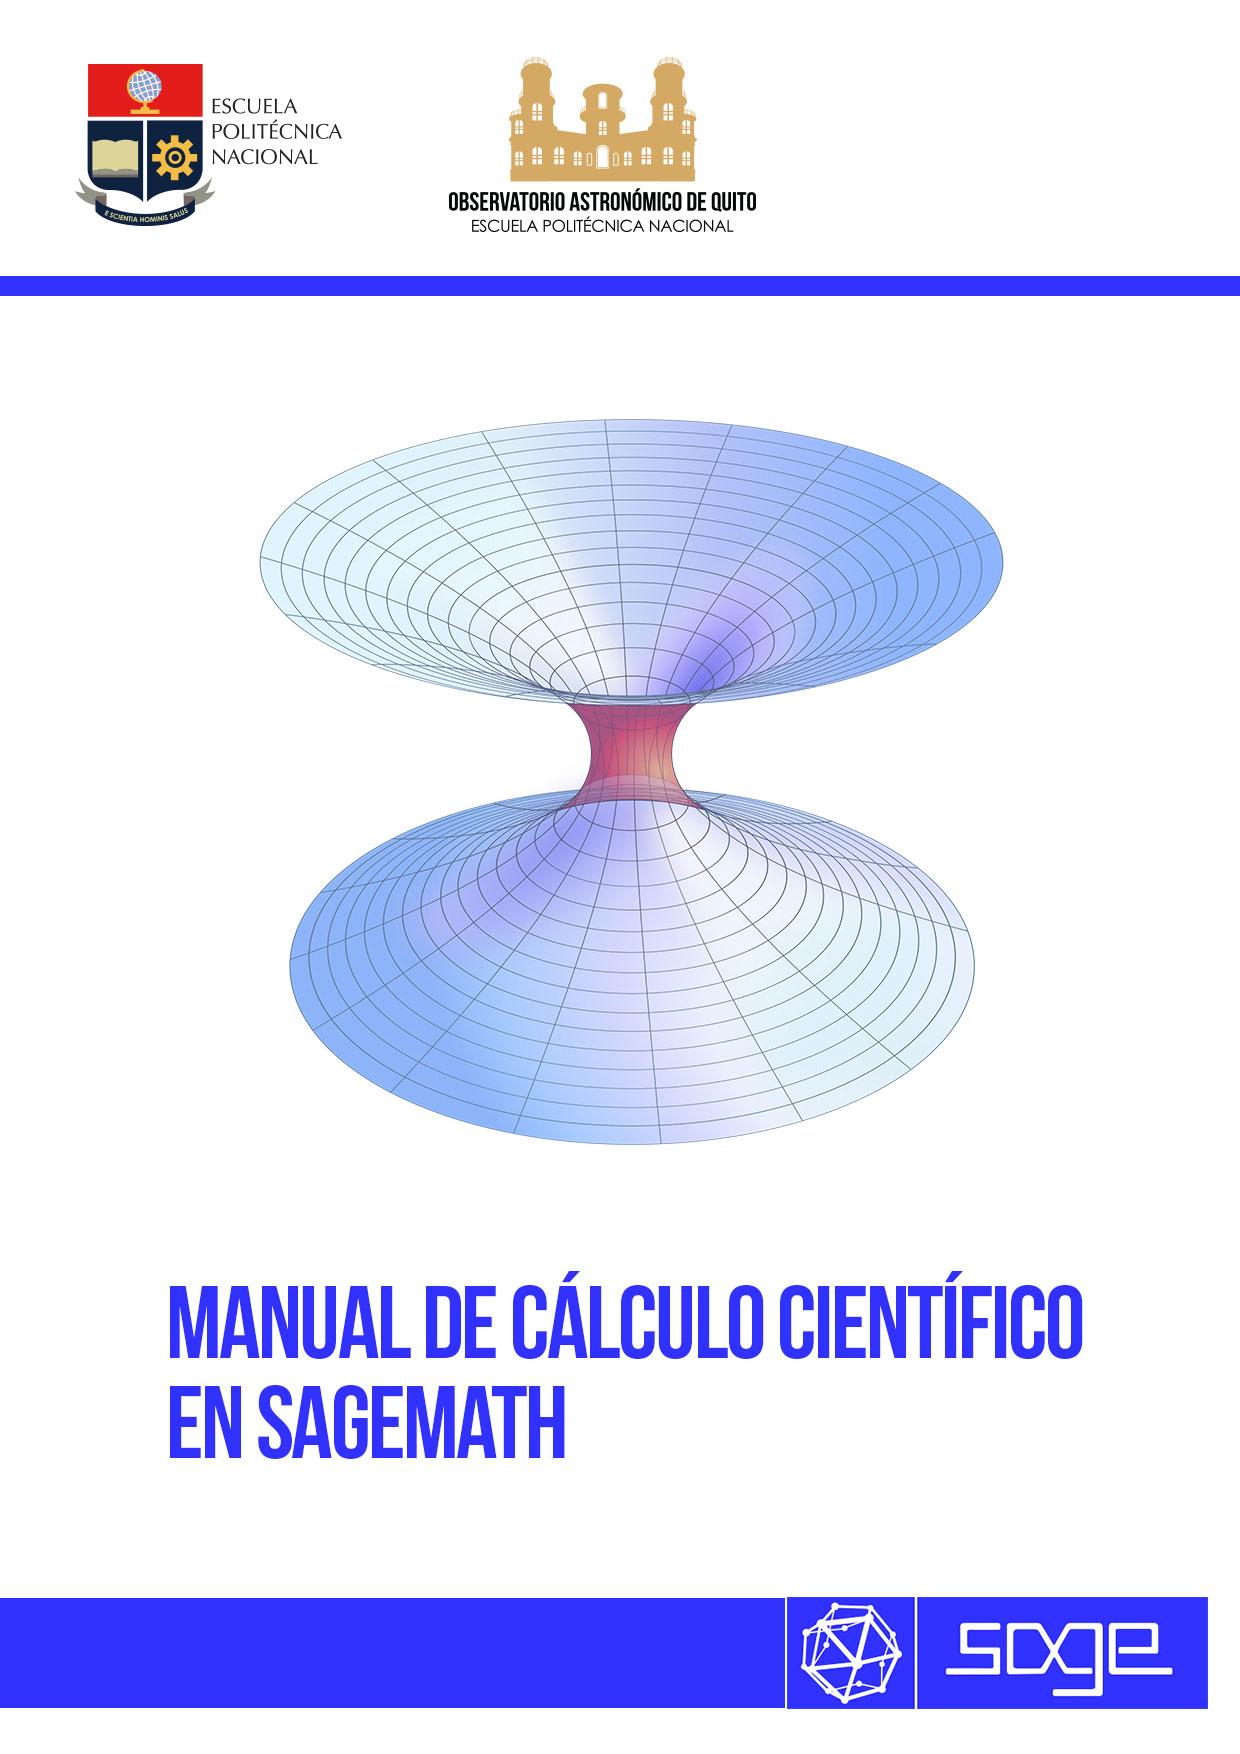 Noticias 2016 Observatorio Astronmico De Quito Oaq Kite Diagrams Youtube Compartimos El Manual Clculo Cientfico En Sagemath Elaborado